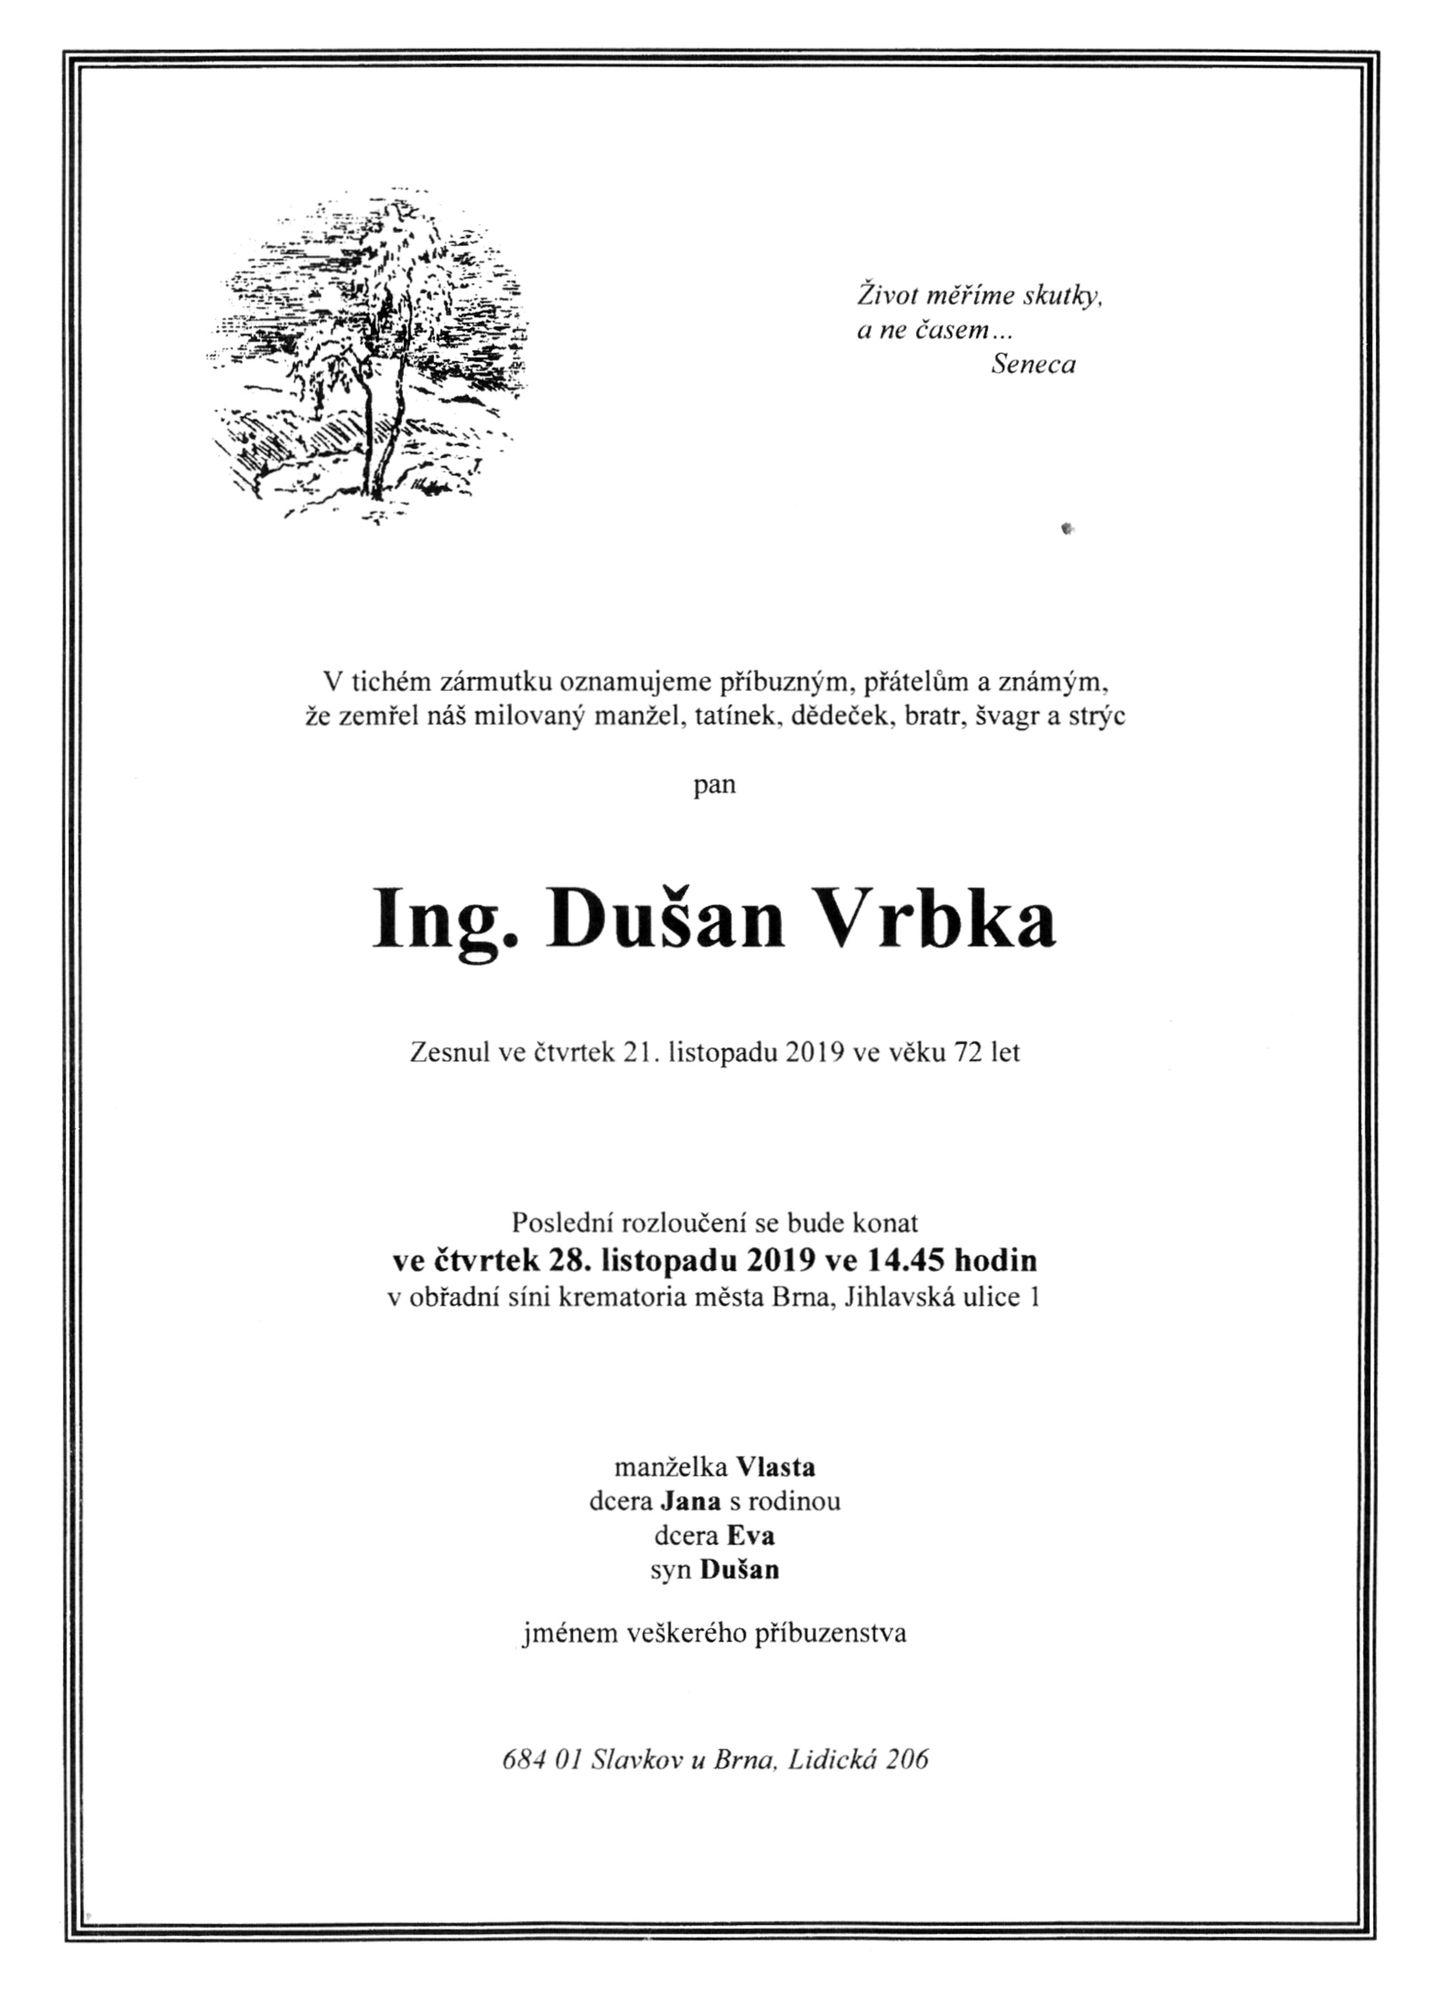 Ing. Dušan Vrbka